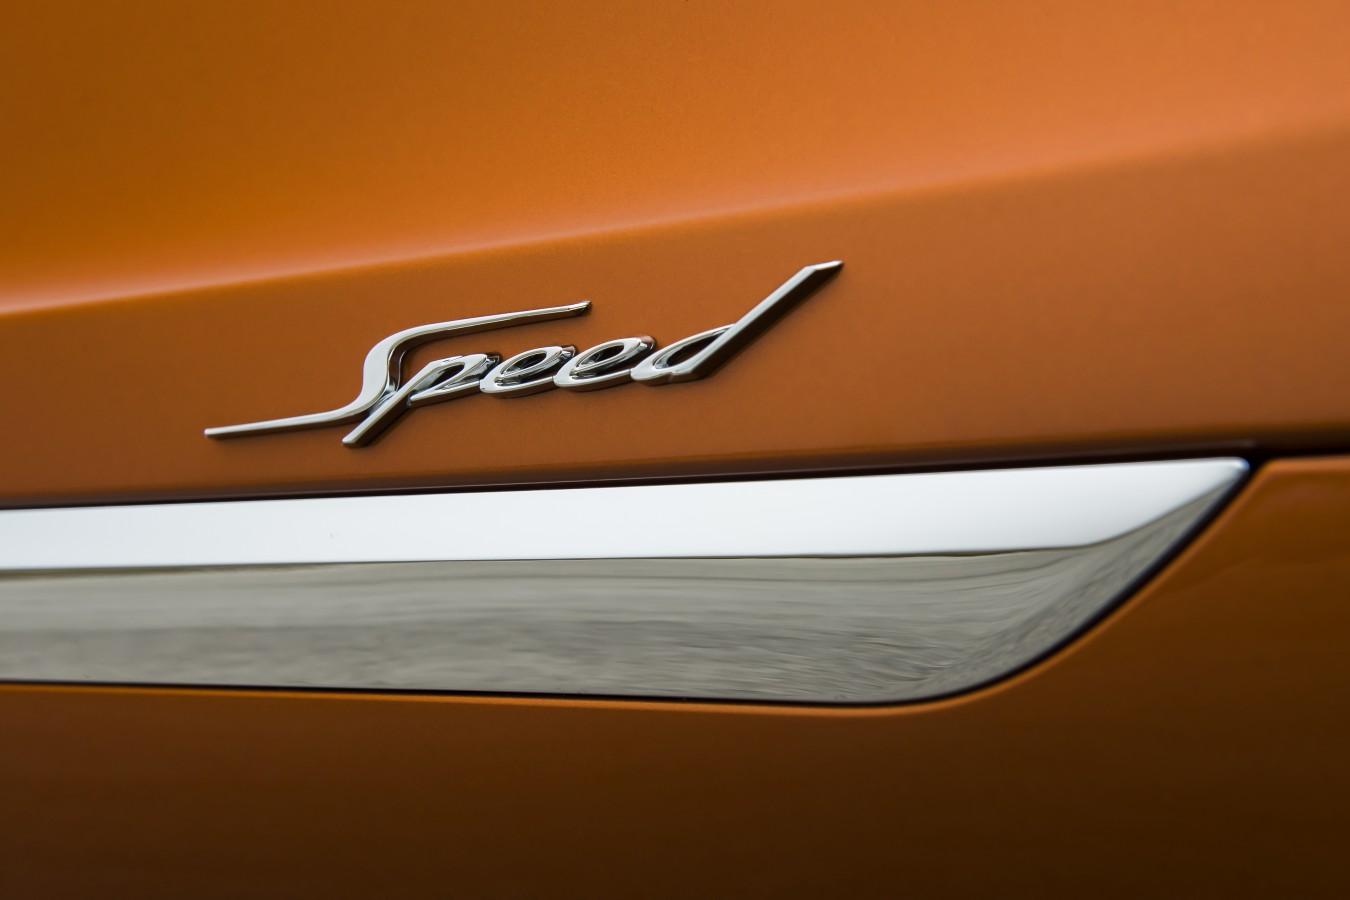 НОВЫЙ BENTLEY BENTAYGA SPEED - изображение Bentayga-Speed-12 на Bentleymoscow.ru!